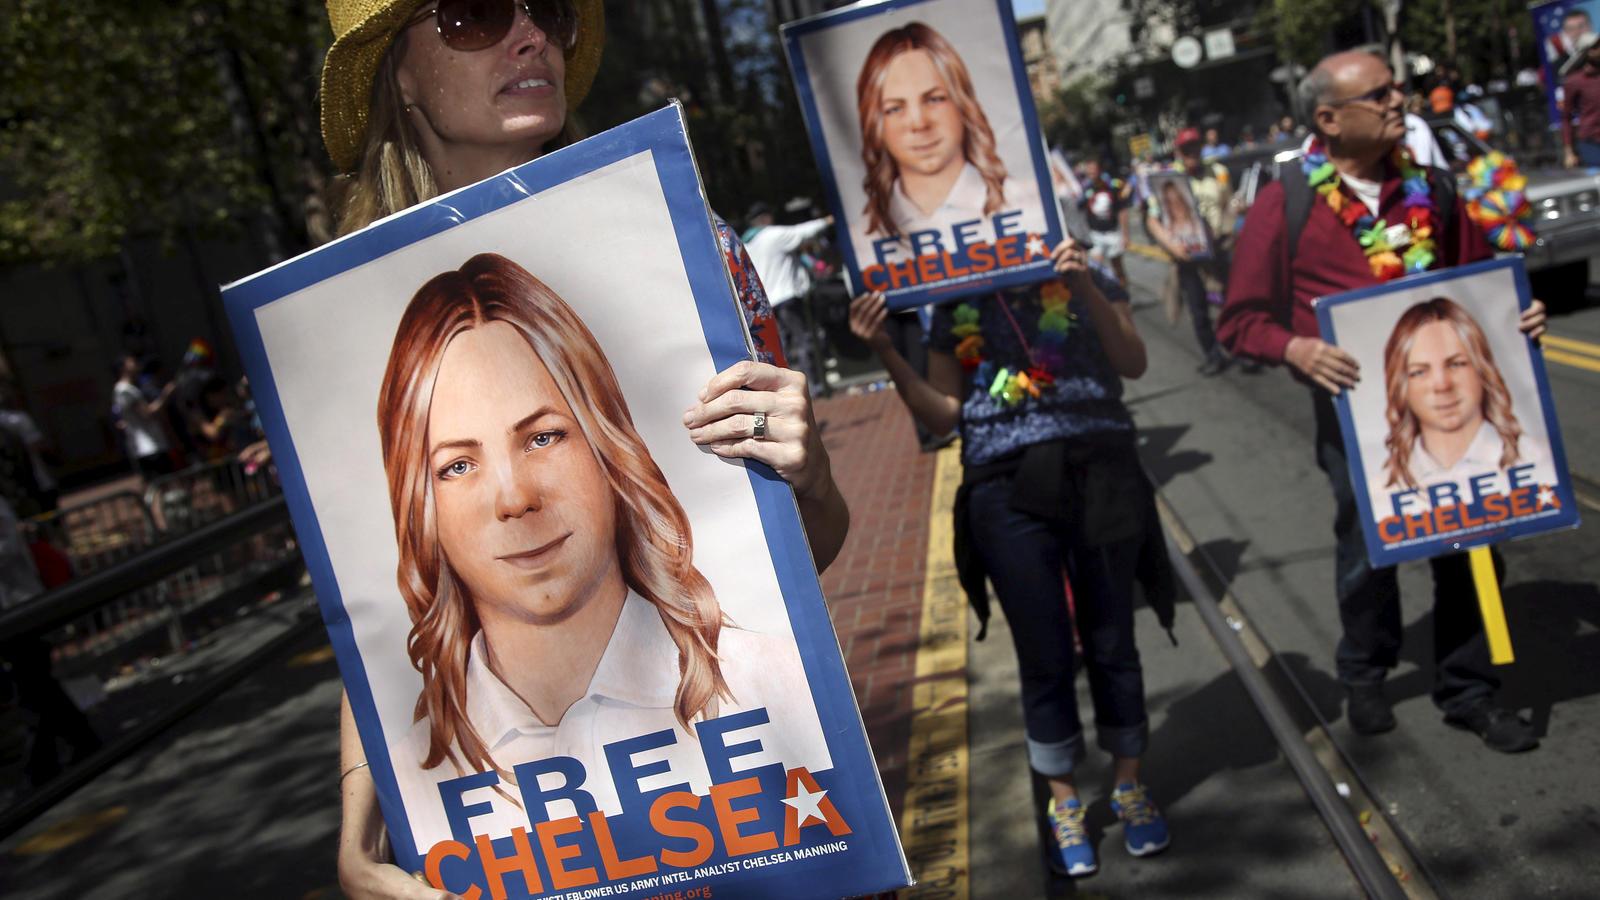 Seit ihrer Inhaftierung forderten viele US-Bürger die Freilassung der Whistleblowerin.